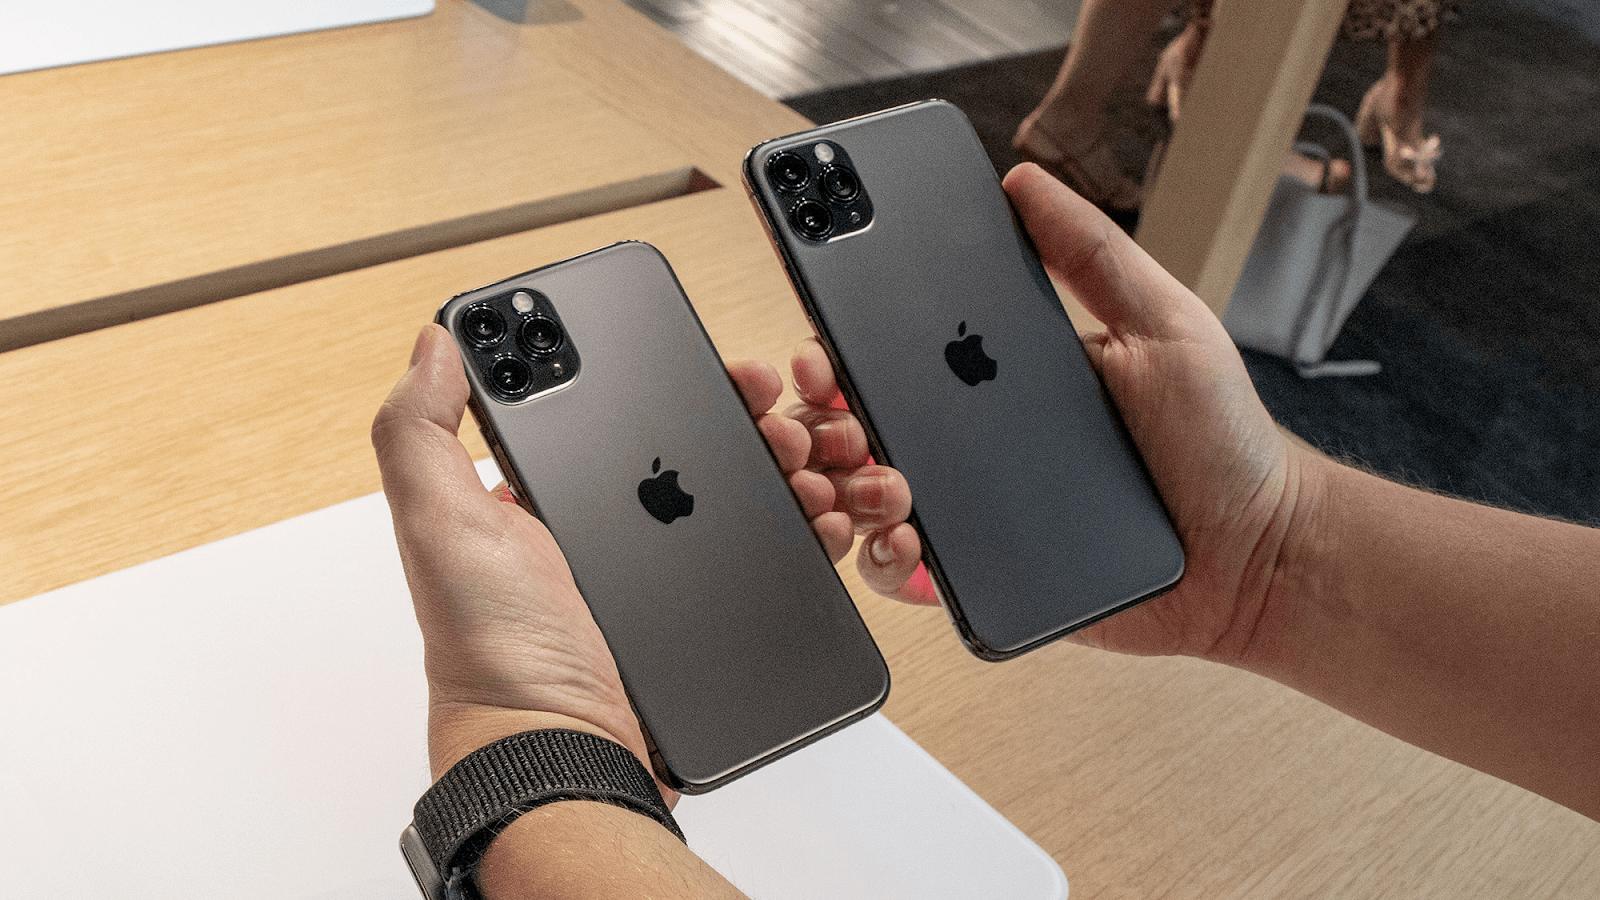 Hướng dẫn cách phân biệt iPhone chính hãng và iPhone xách tay cực kỳ đơn giản